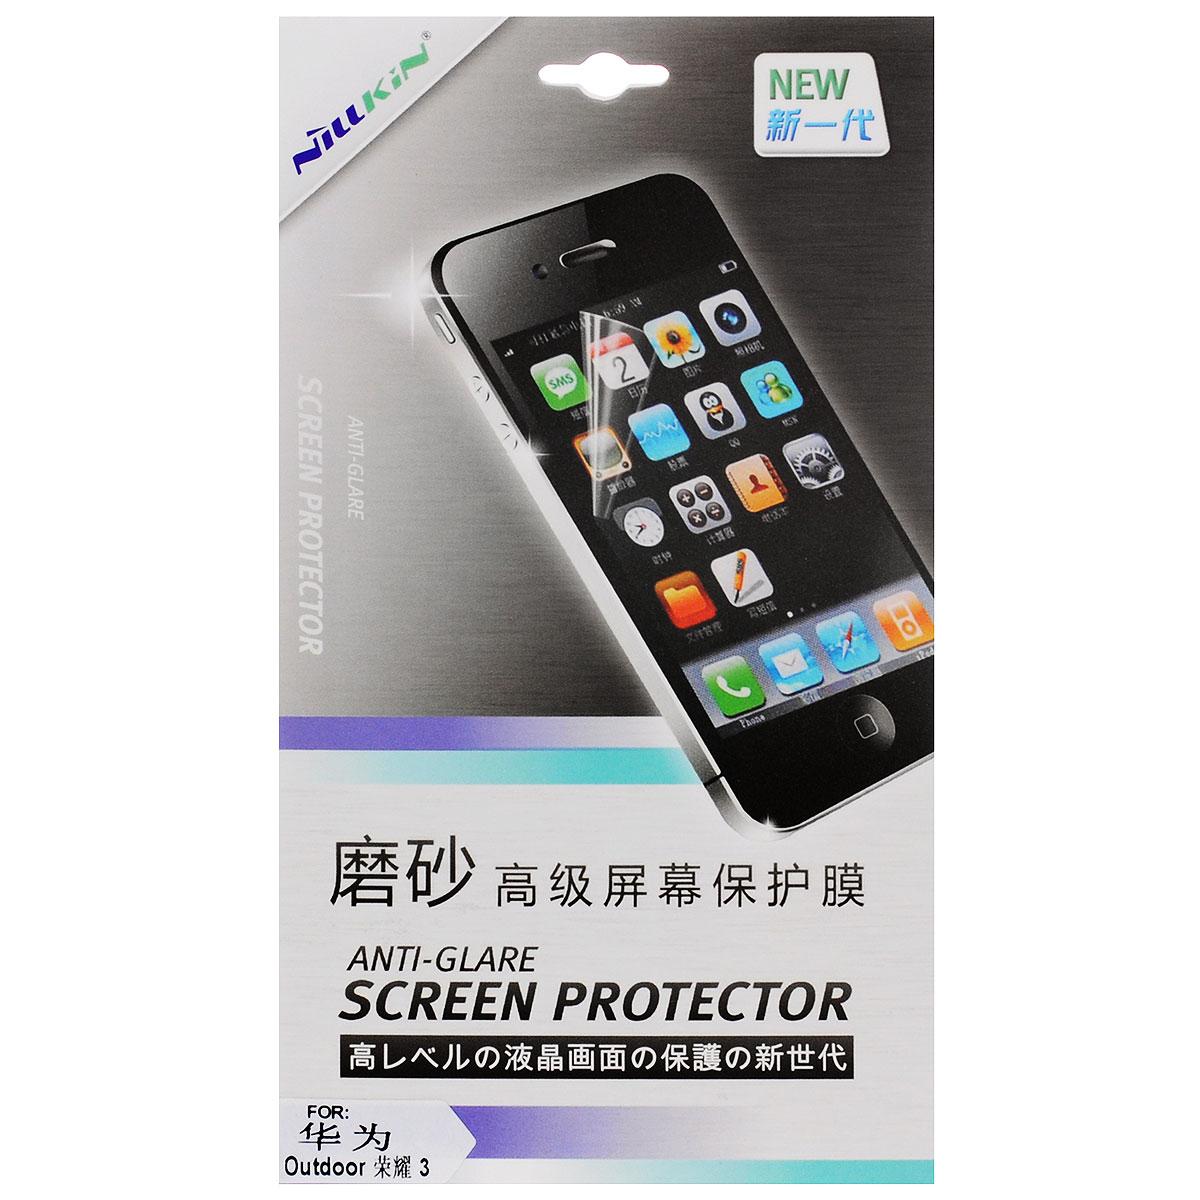 Nillkin Screen Protector защитная пленка для Huawei Honor 3C, матоваяSP-030Защитная пленка Nillkin Screen Protector для Huawei Honor 3C сохраняет экран смартфона гладким и предотвращает появление на нем царапин и потертостей. Структура пленки позволяет ей плотно удерживаться без помощи клеевых составов. Пленка практически незаметна на экране смартфона и сохраняет все характеристики цветопередачи и чувствительности сенсора.